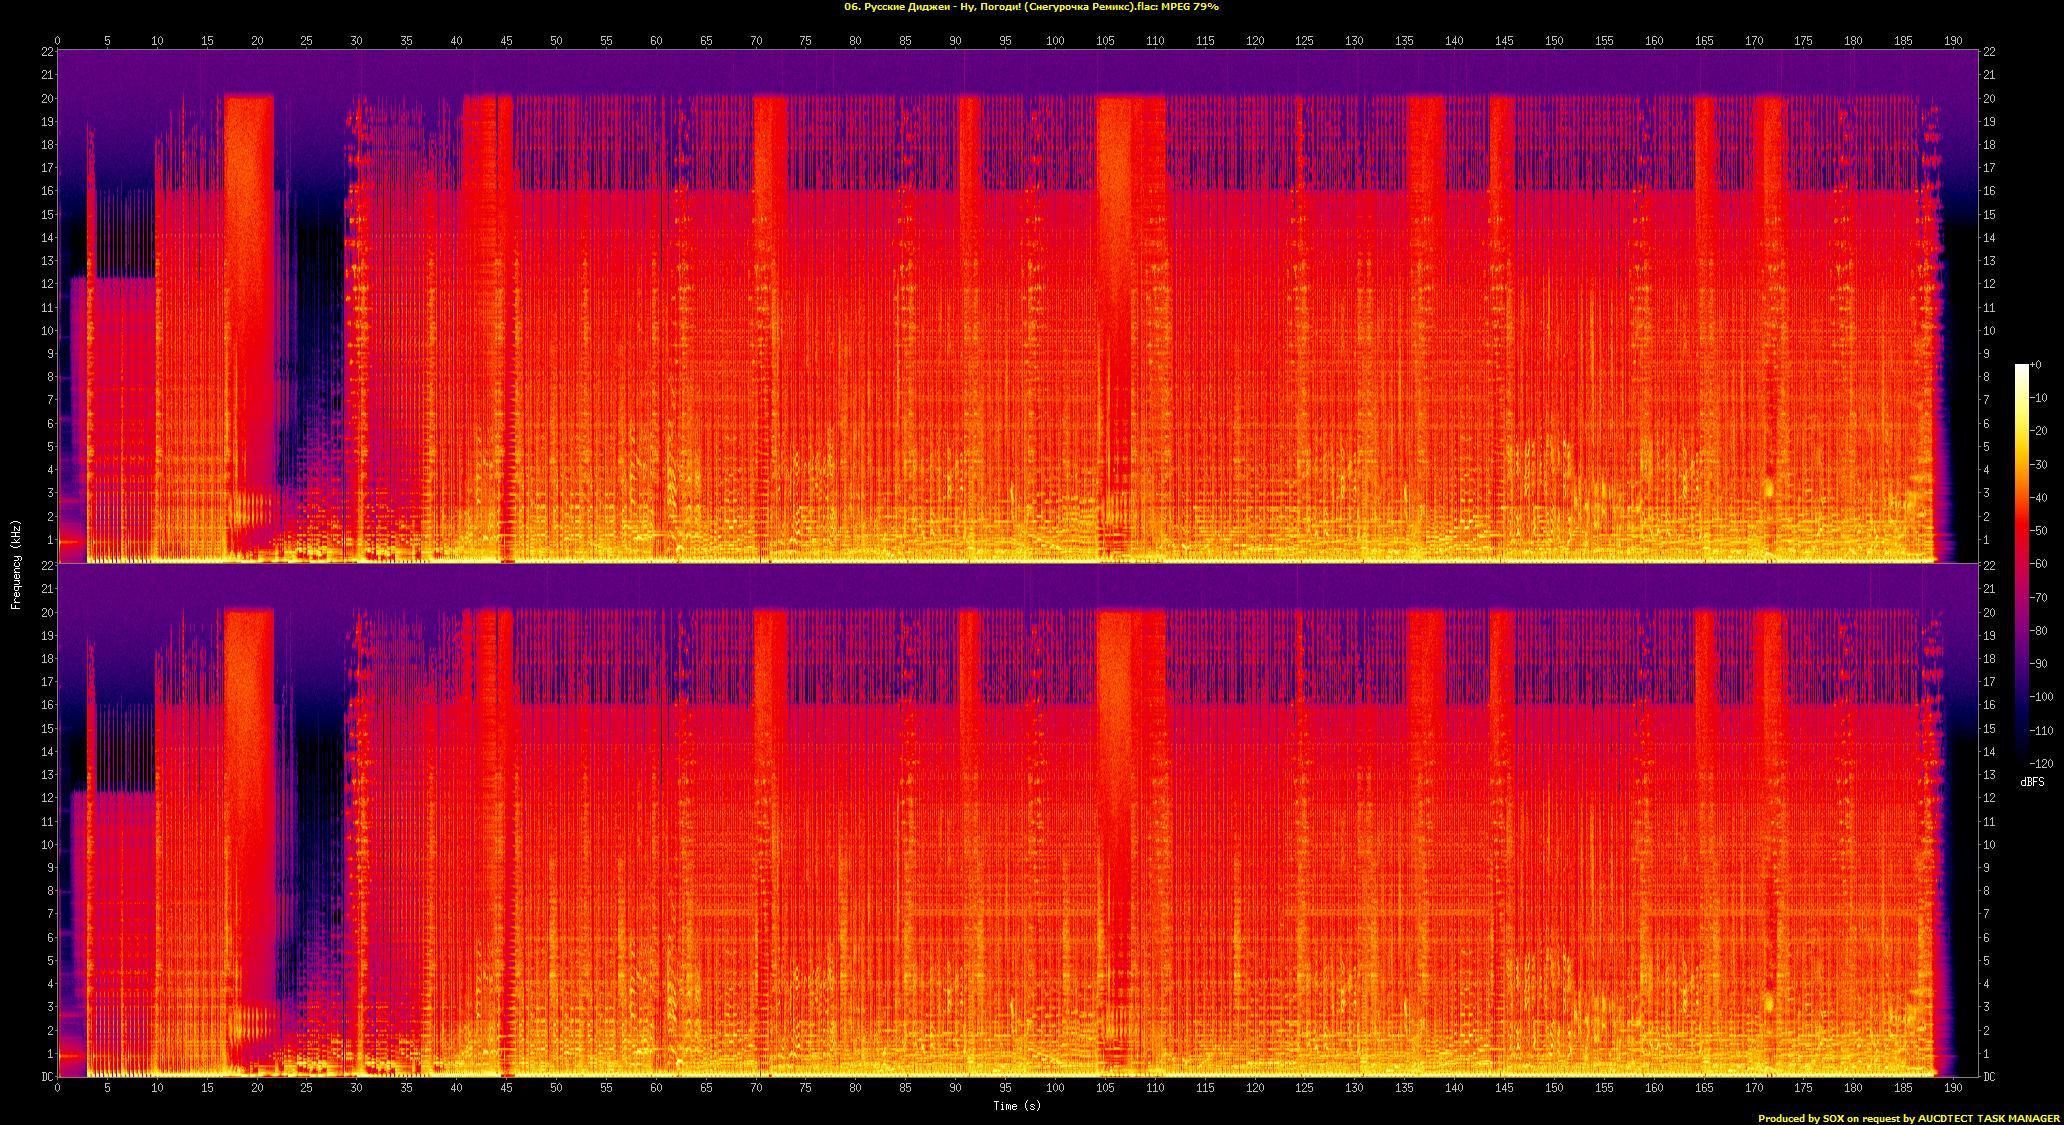 06. Русские Диджеи - Ну, Погоди! (Снегурочка Ремикс).flac.Spectrogram.png